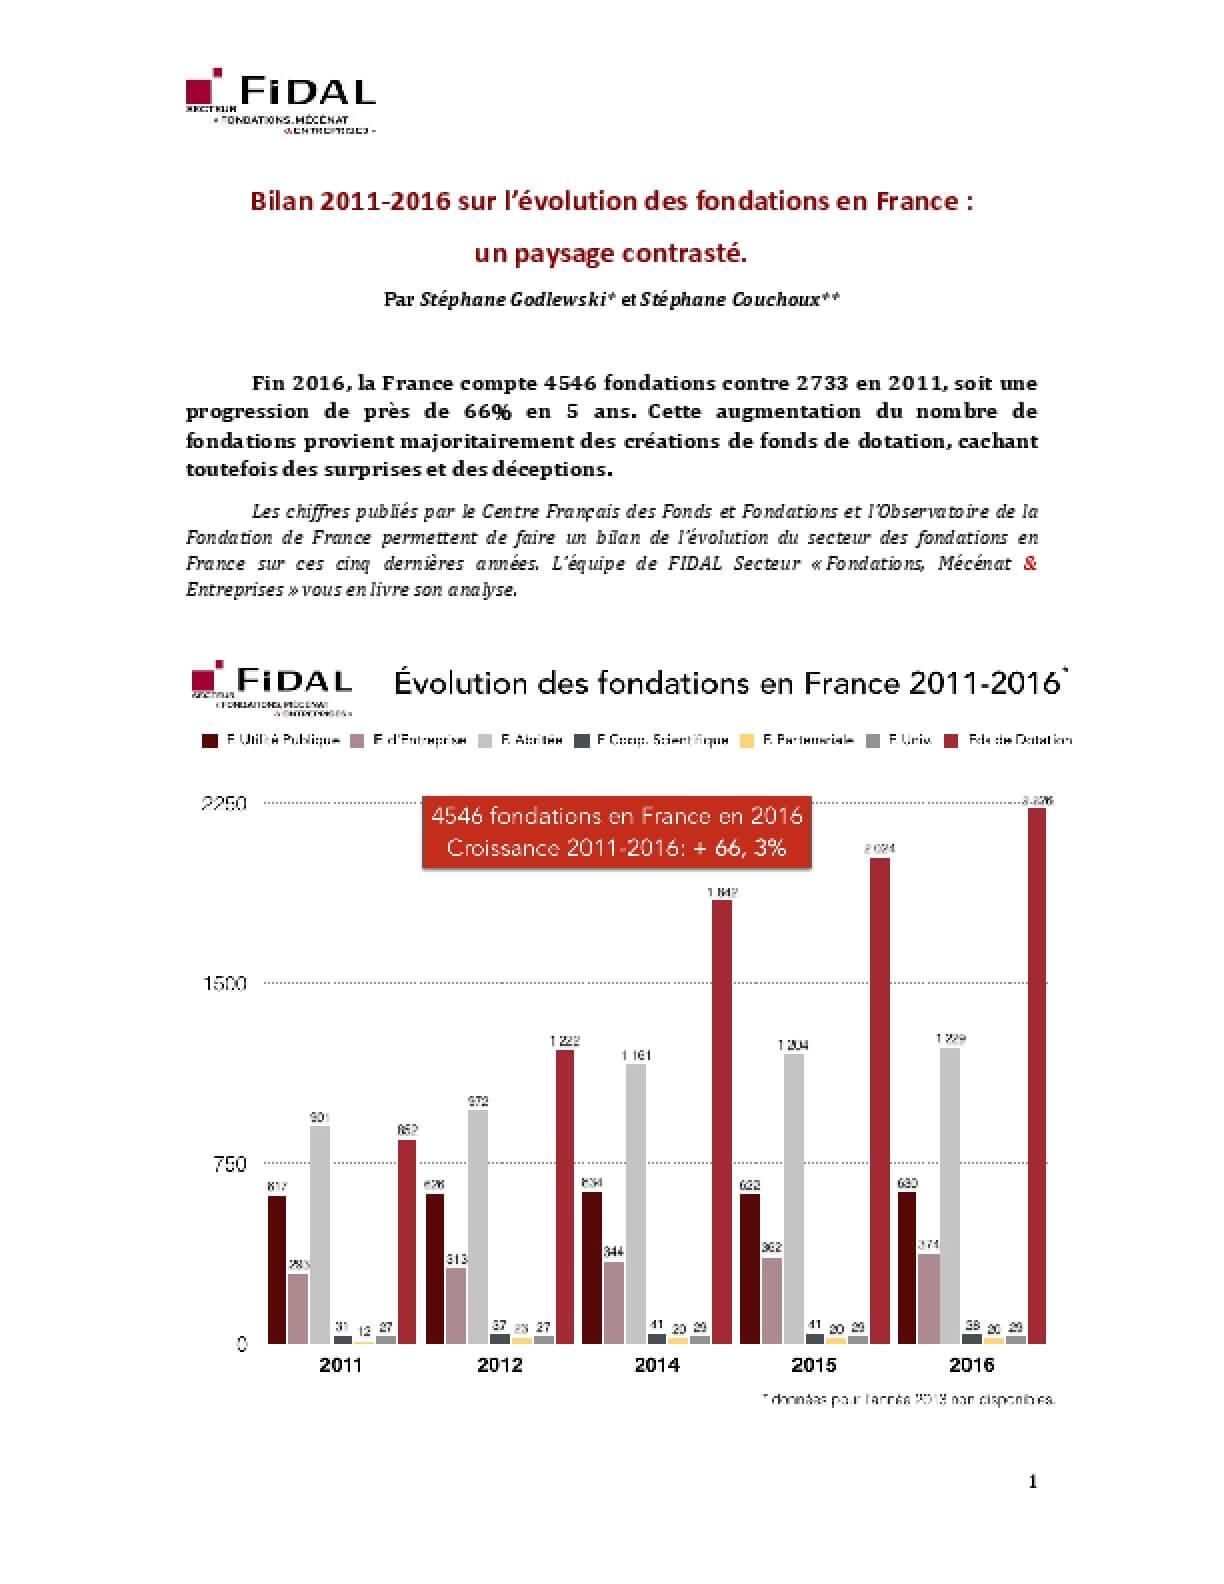 Bilan 2011-2016 sur l'évolution des fondations en France : un paysage contrasté